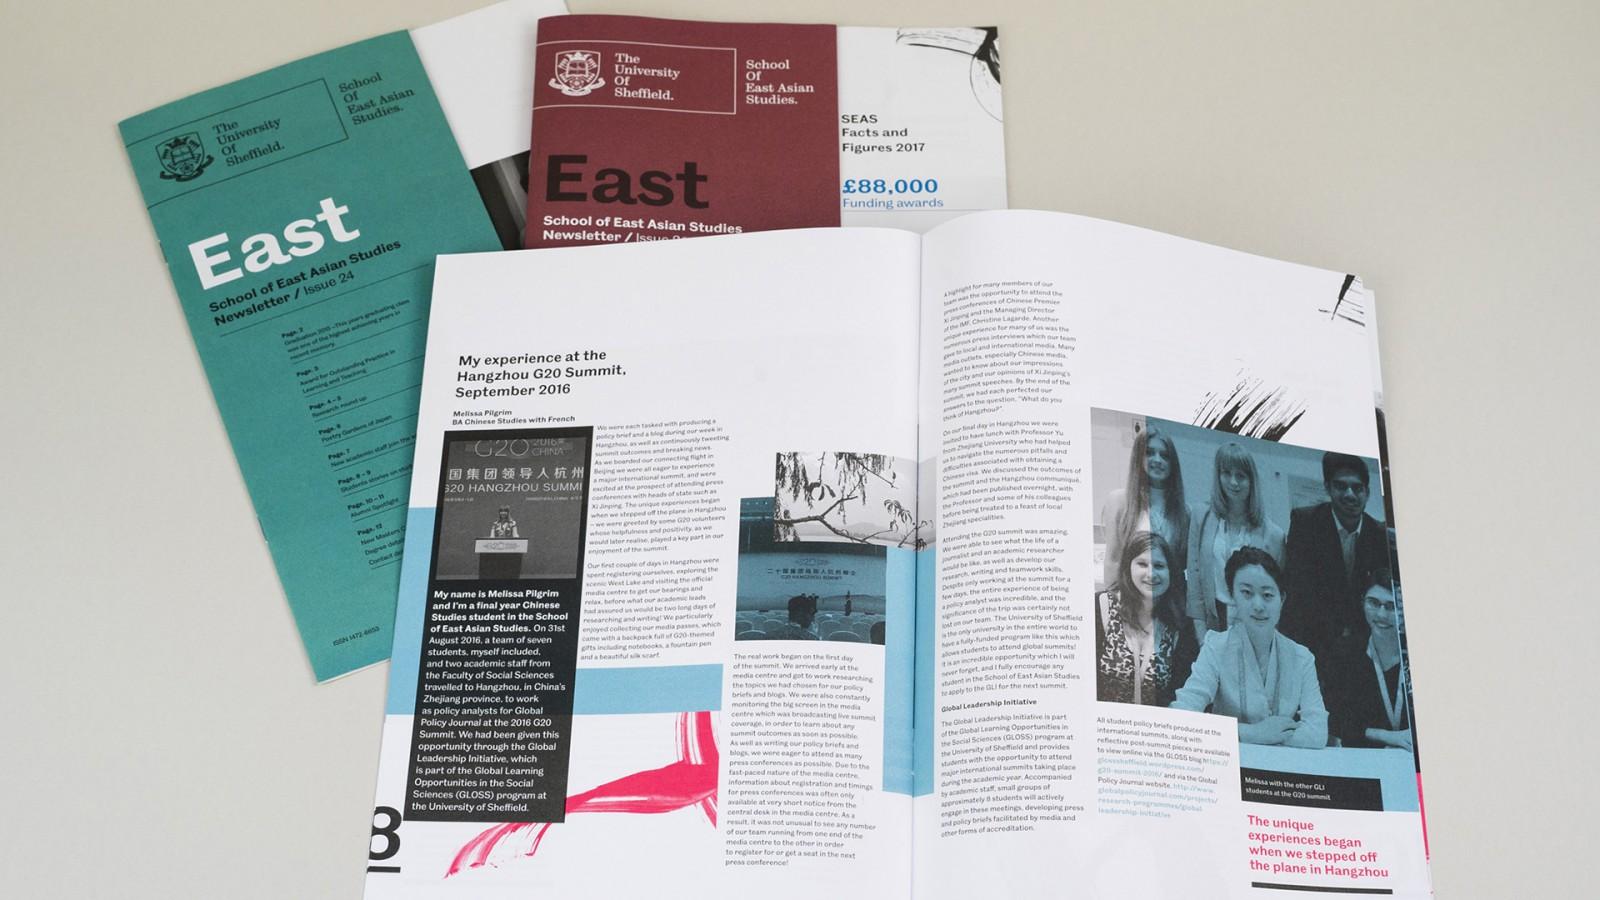 East-Asian-Studies_0000_EAST-NL-4.jpg